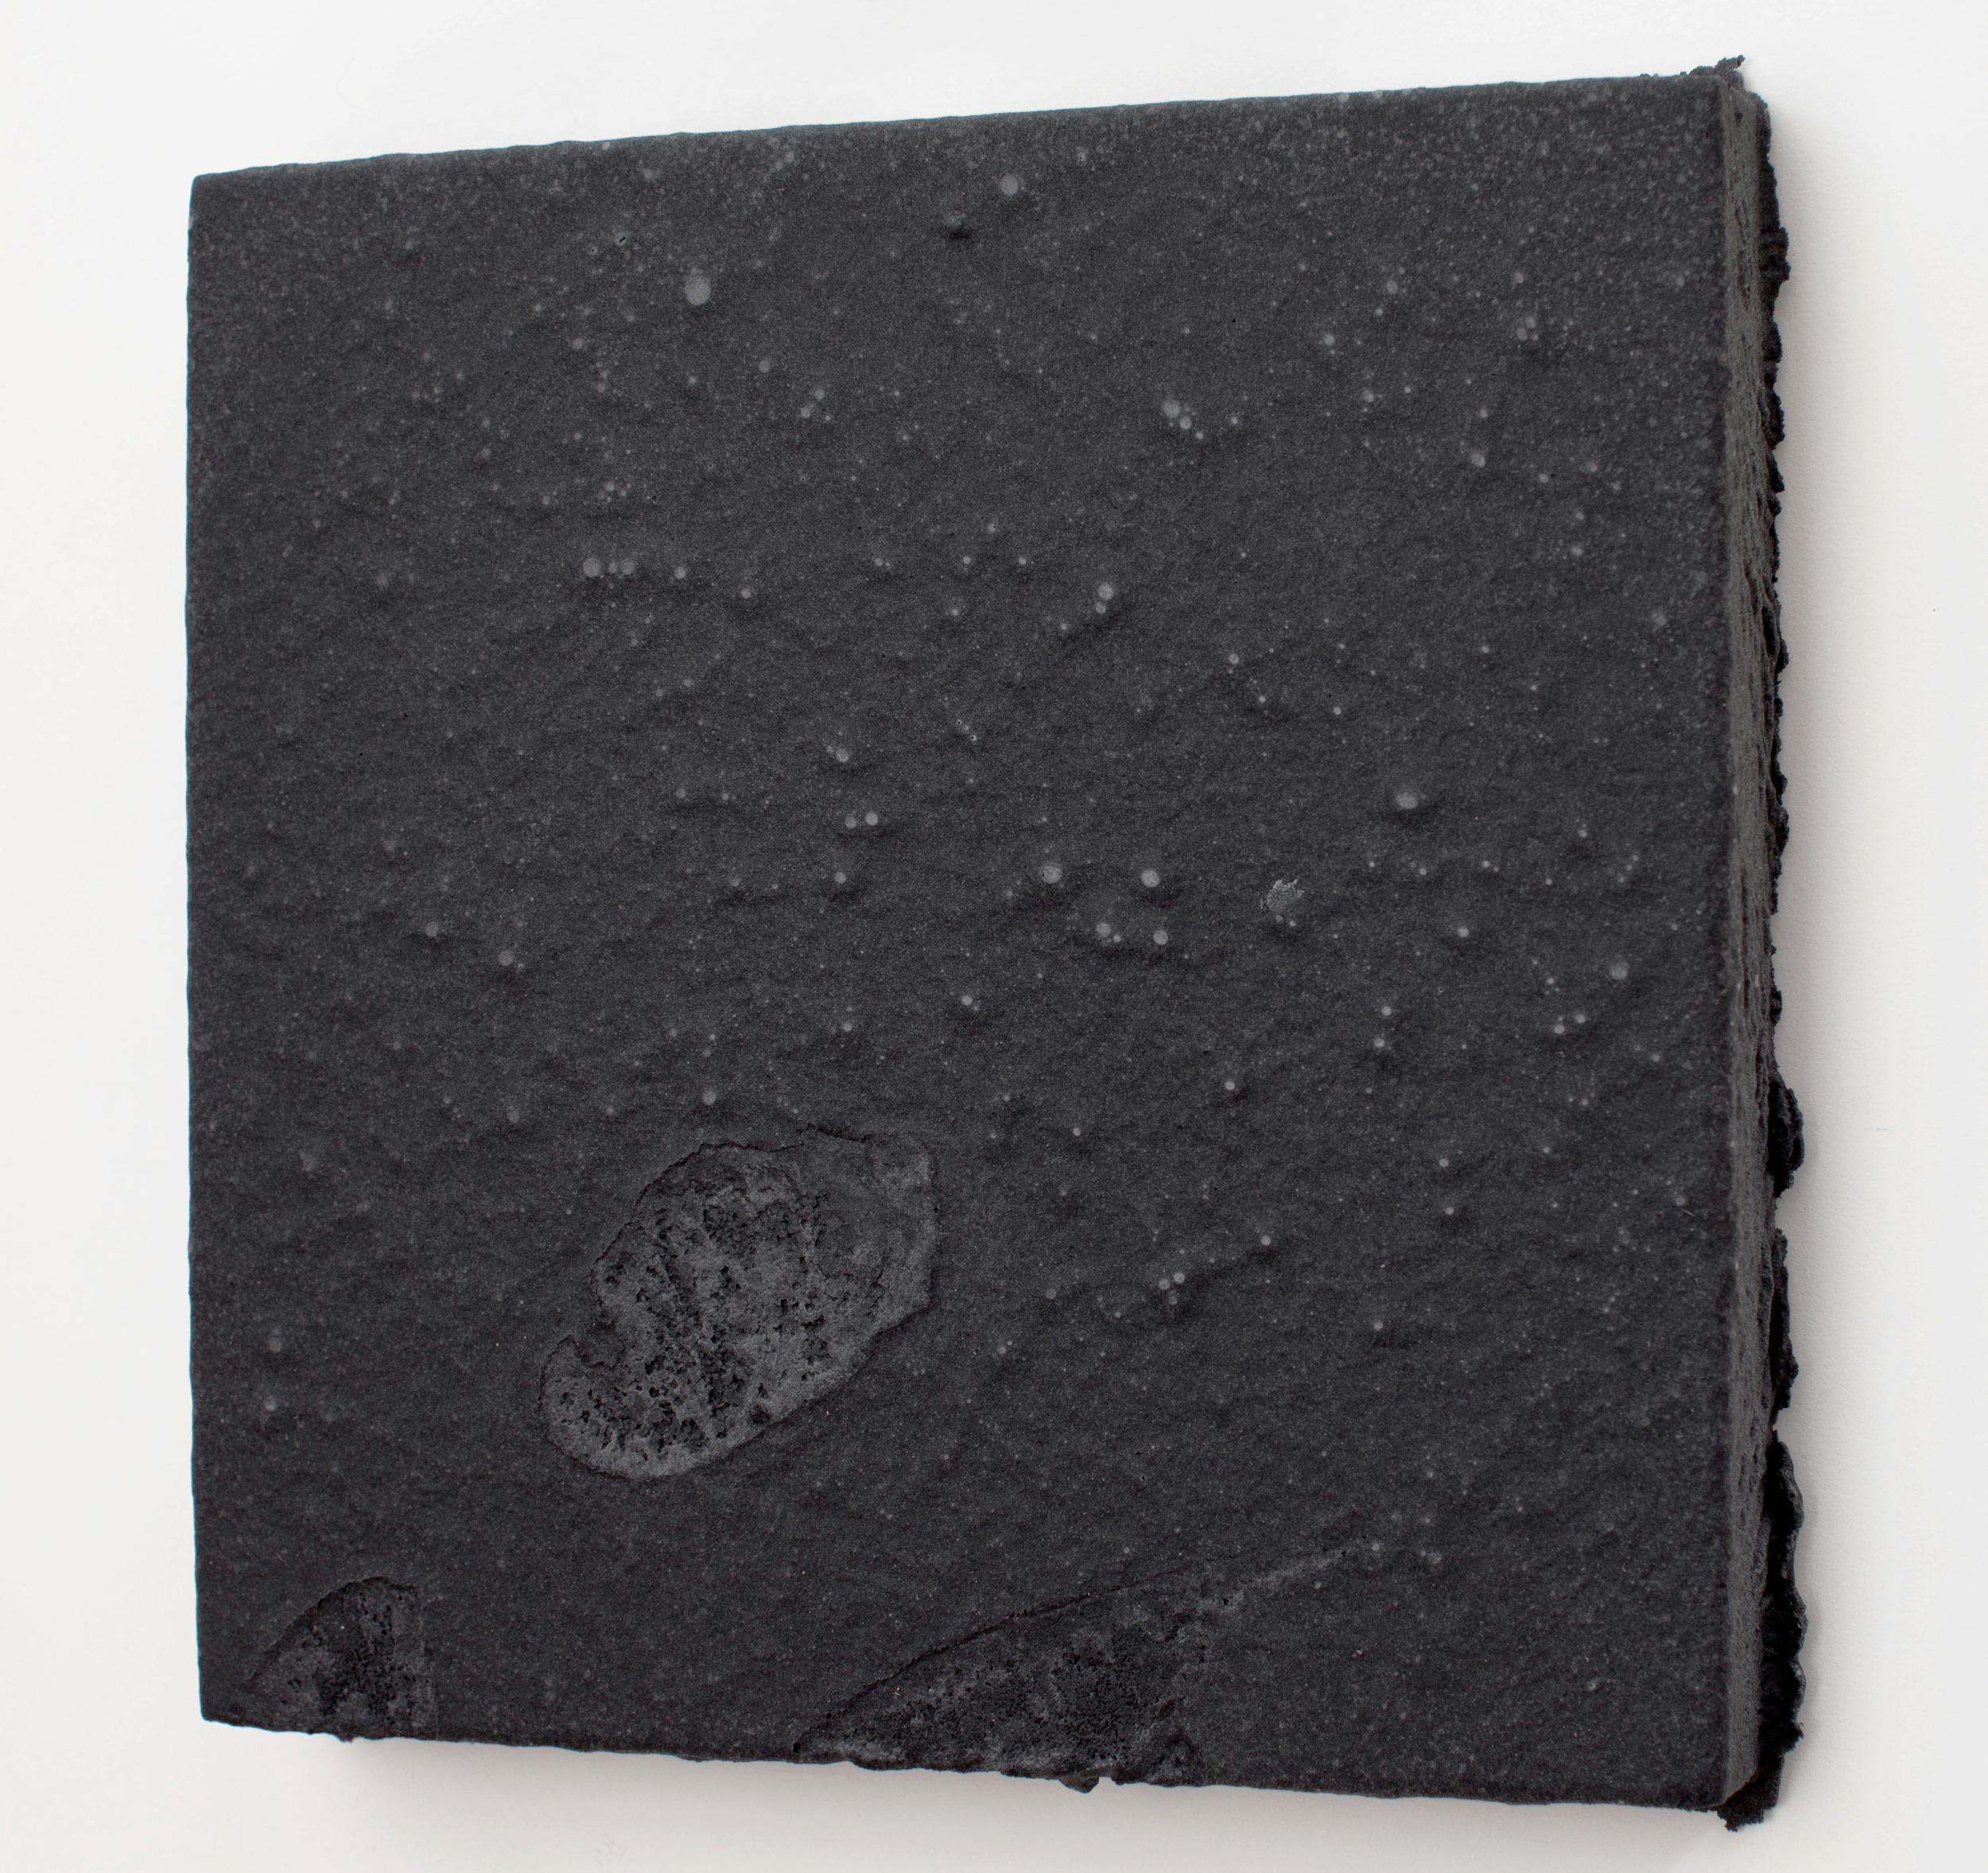 sugar2 2014 sugar, graphite, acrylic on wood  12 x 12 x 0.75 inches